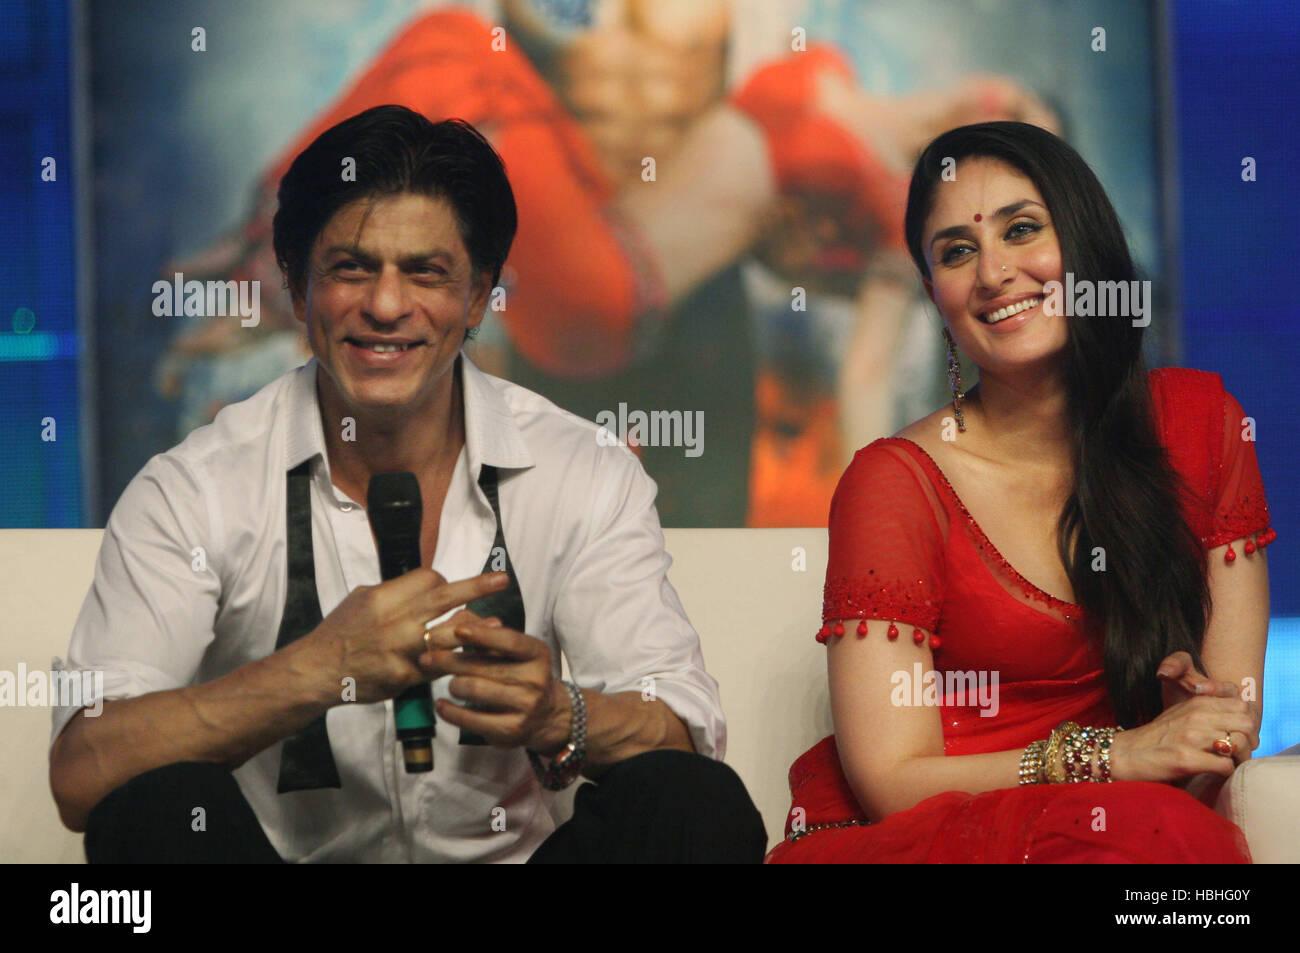 bollywood actors shah rukh khan kareena kapoor press conference